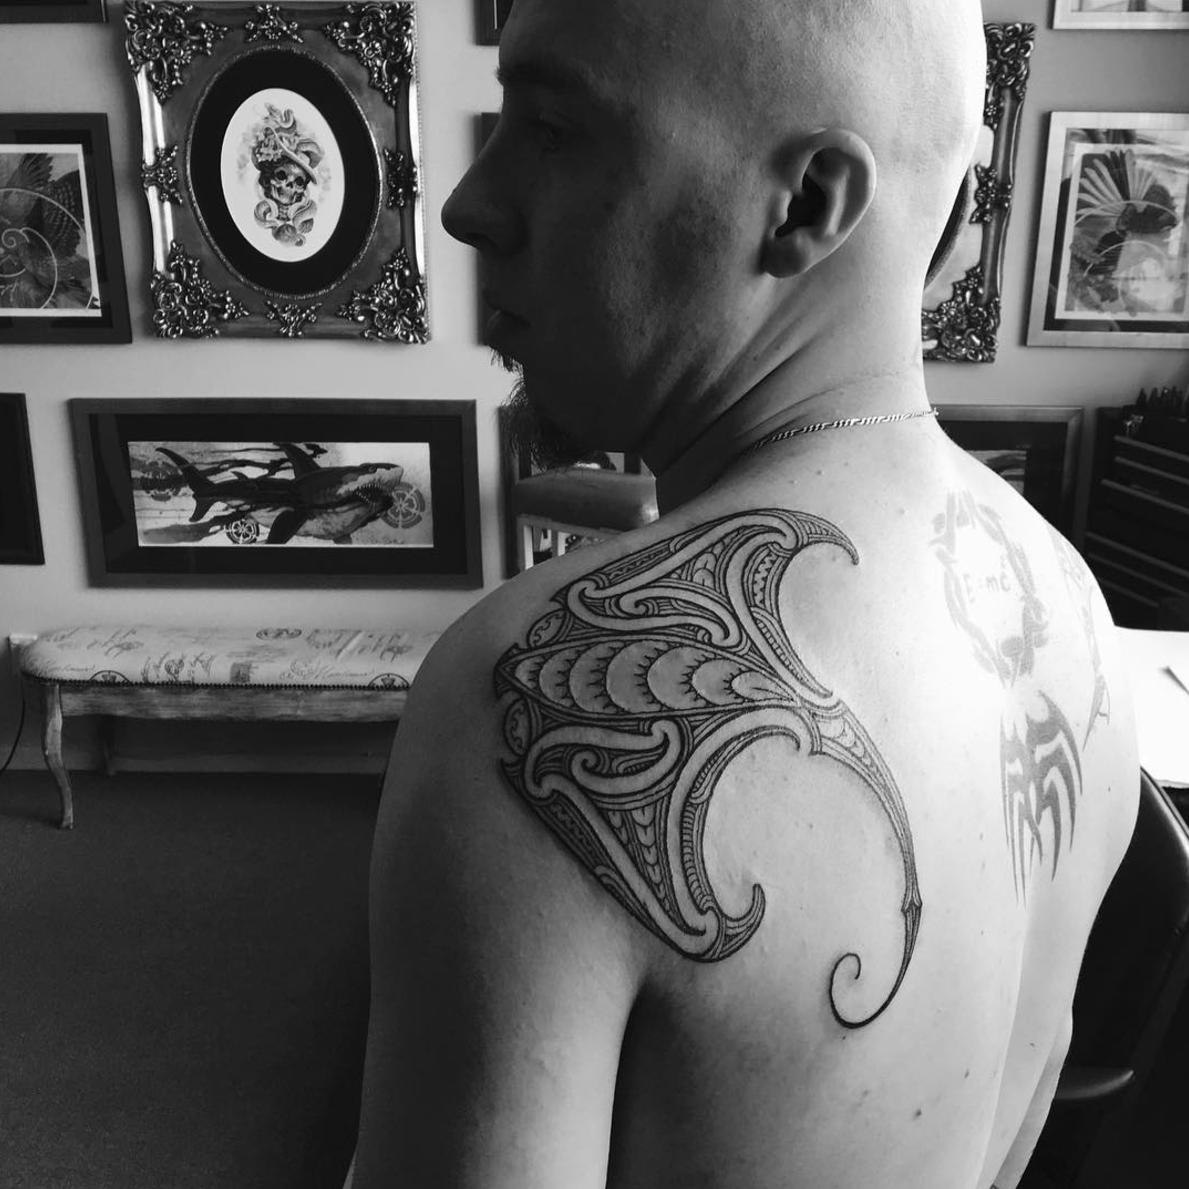 stingray-tamoko-tattoo-nz.png